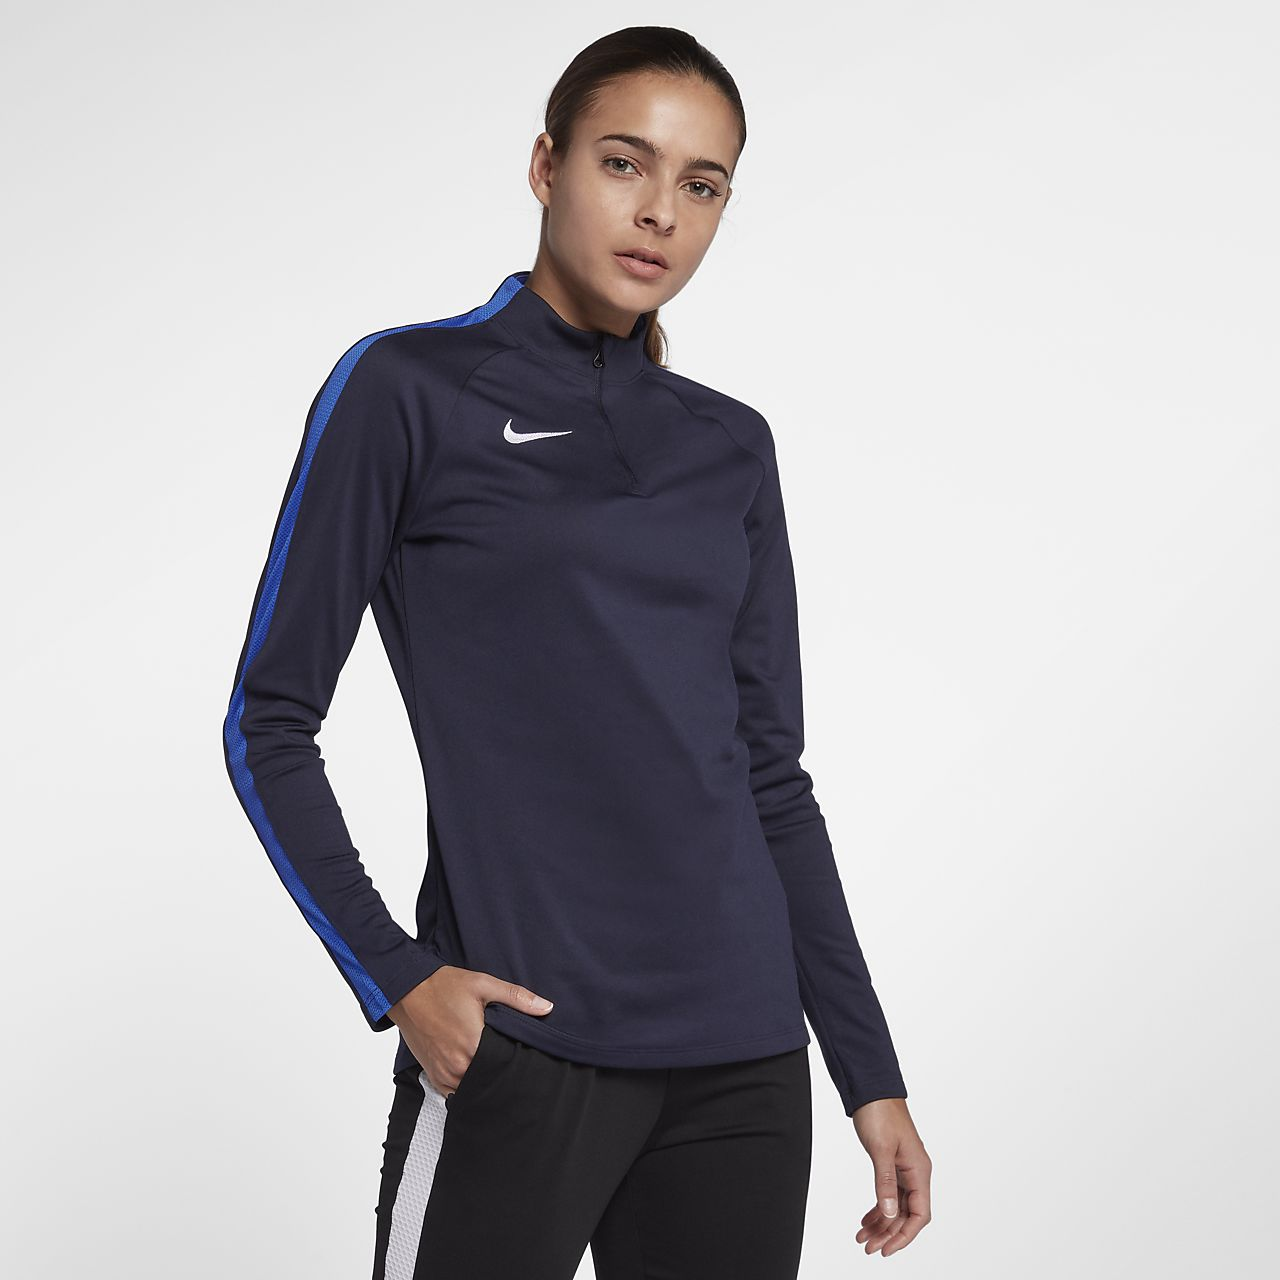 Haut de football à manches longues Nike Dri-FIT Academy Drill pour Femme